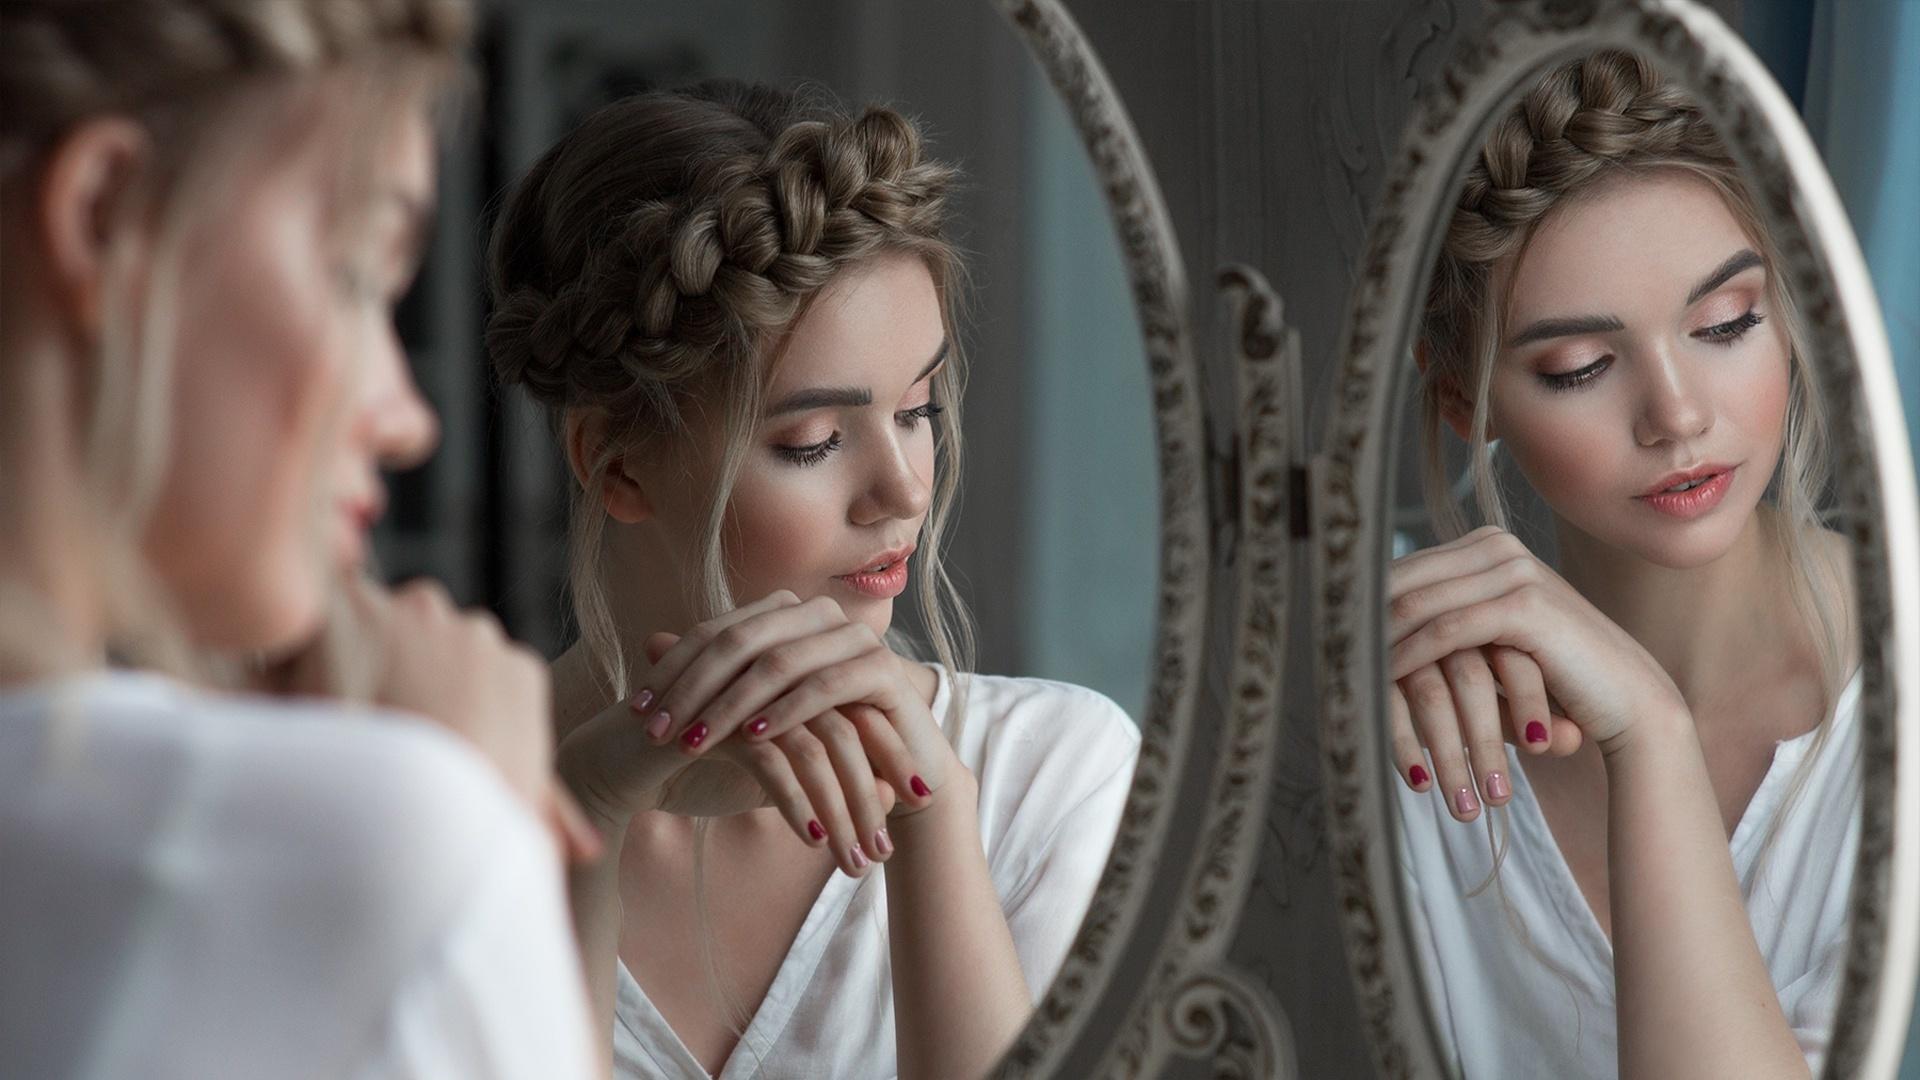 красивая девушка у зеркала понял мое смущение